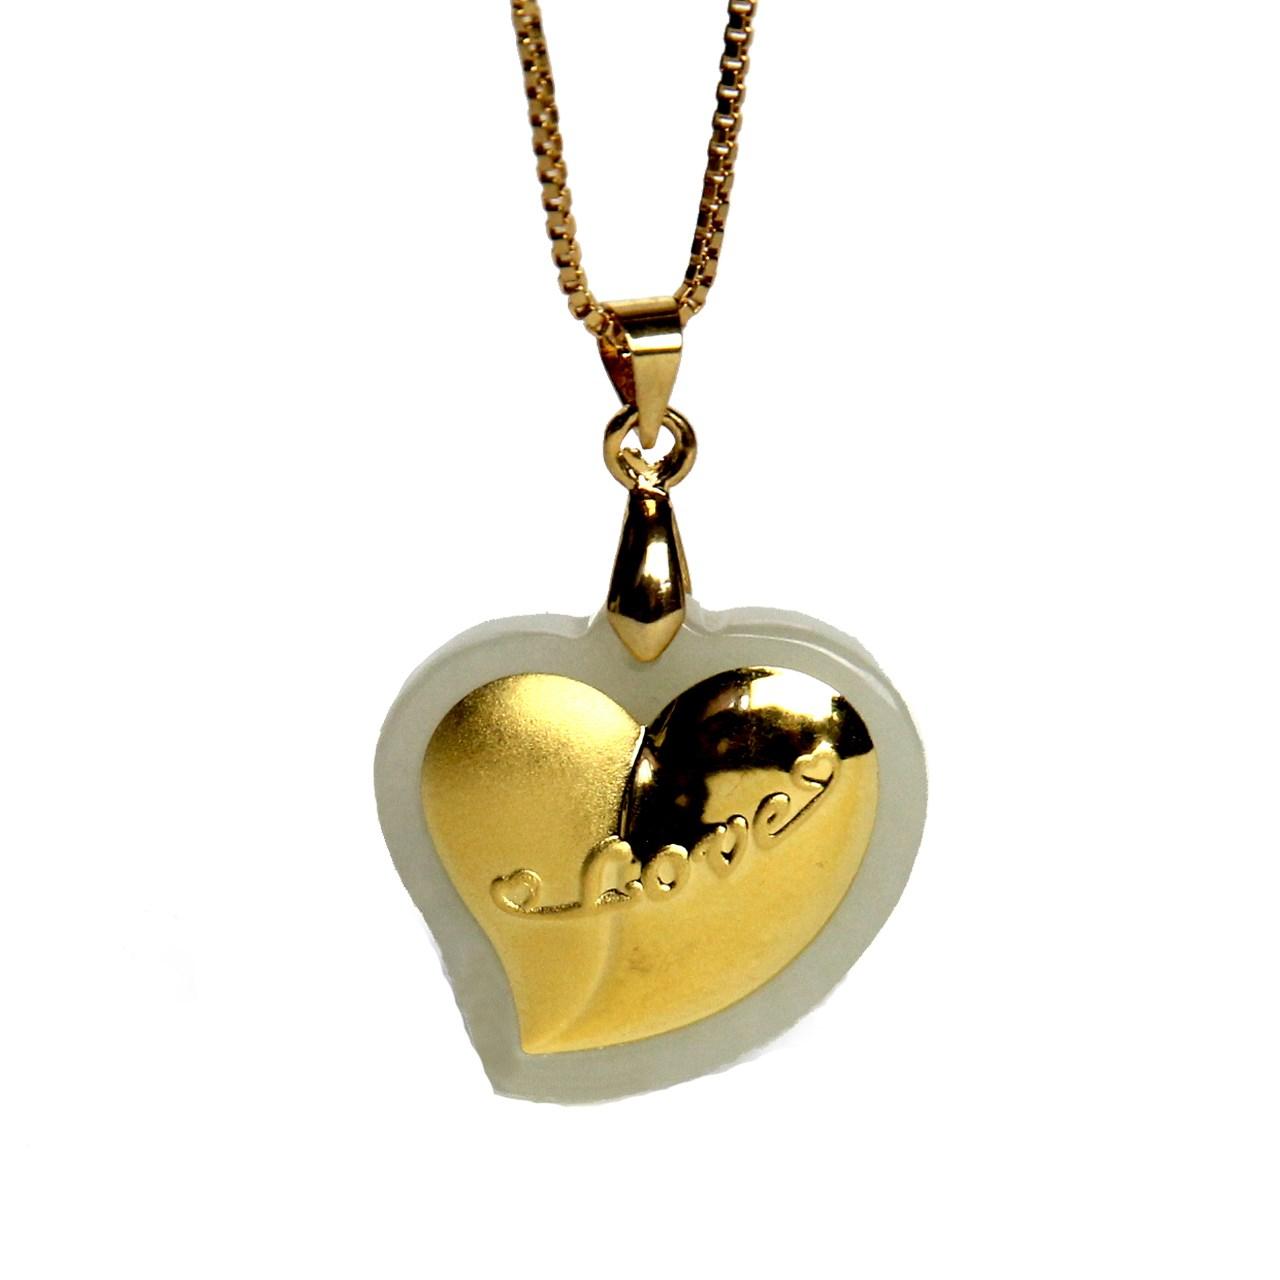 گردنبند طلا 24 عیار ماربلین طرح قلب تپنده کدGJ090